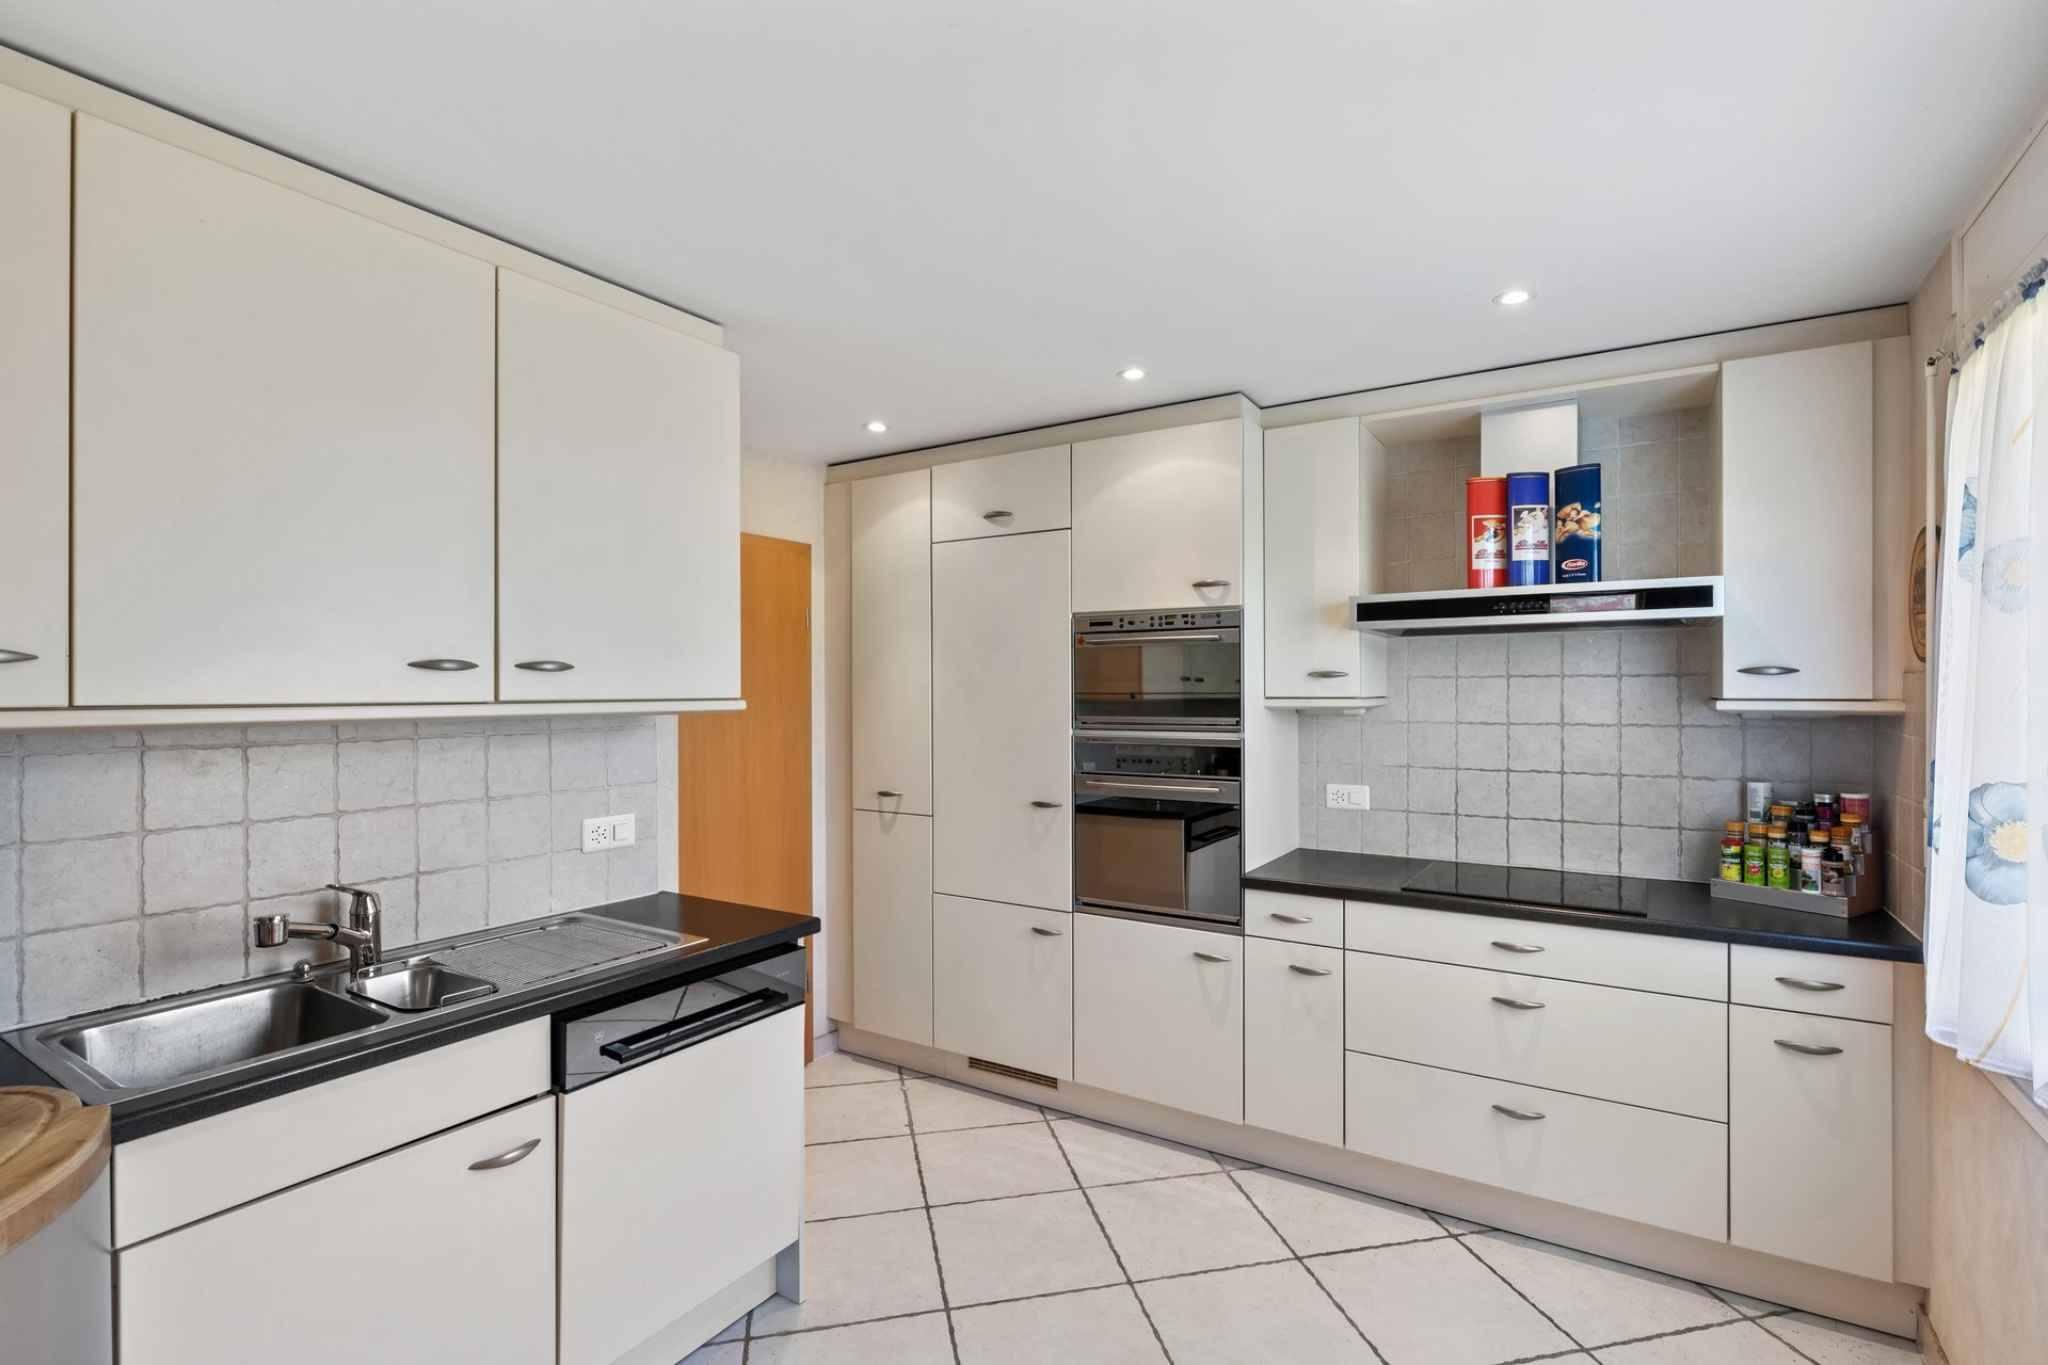 Grand duplex en attique de 5,5 pièces + mezzanine pour 144m2 avec garage double